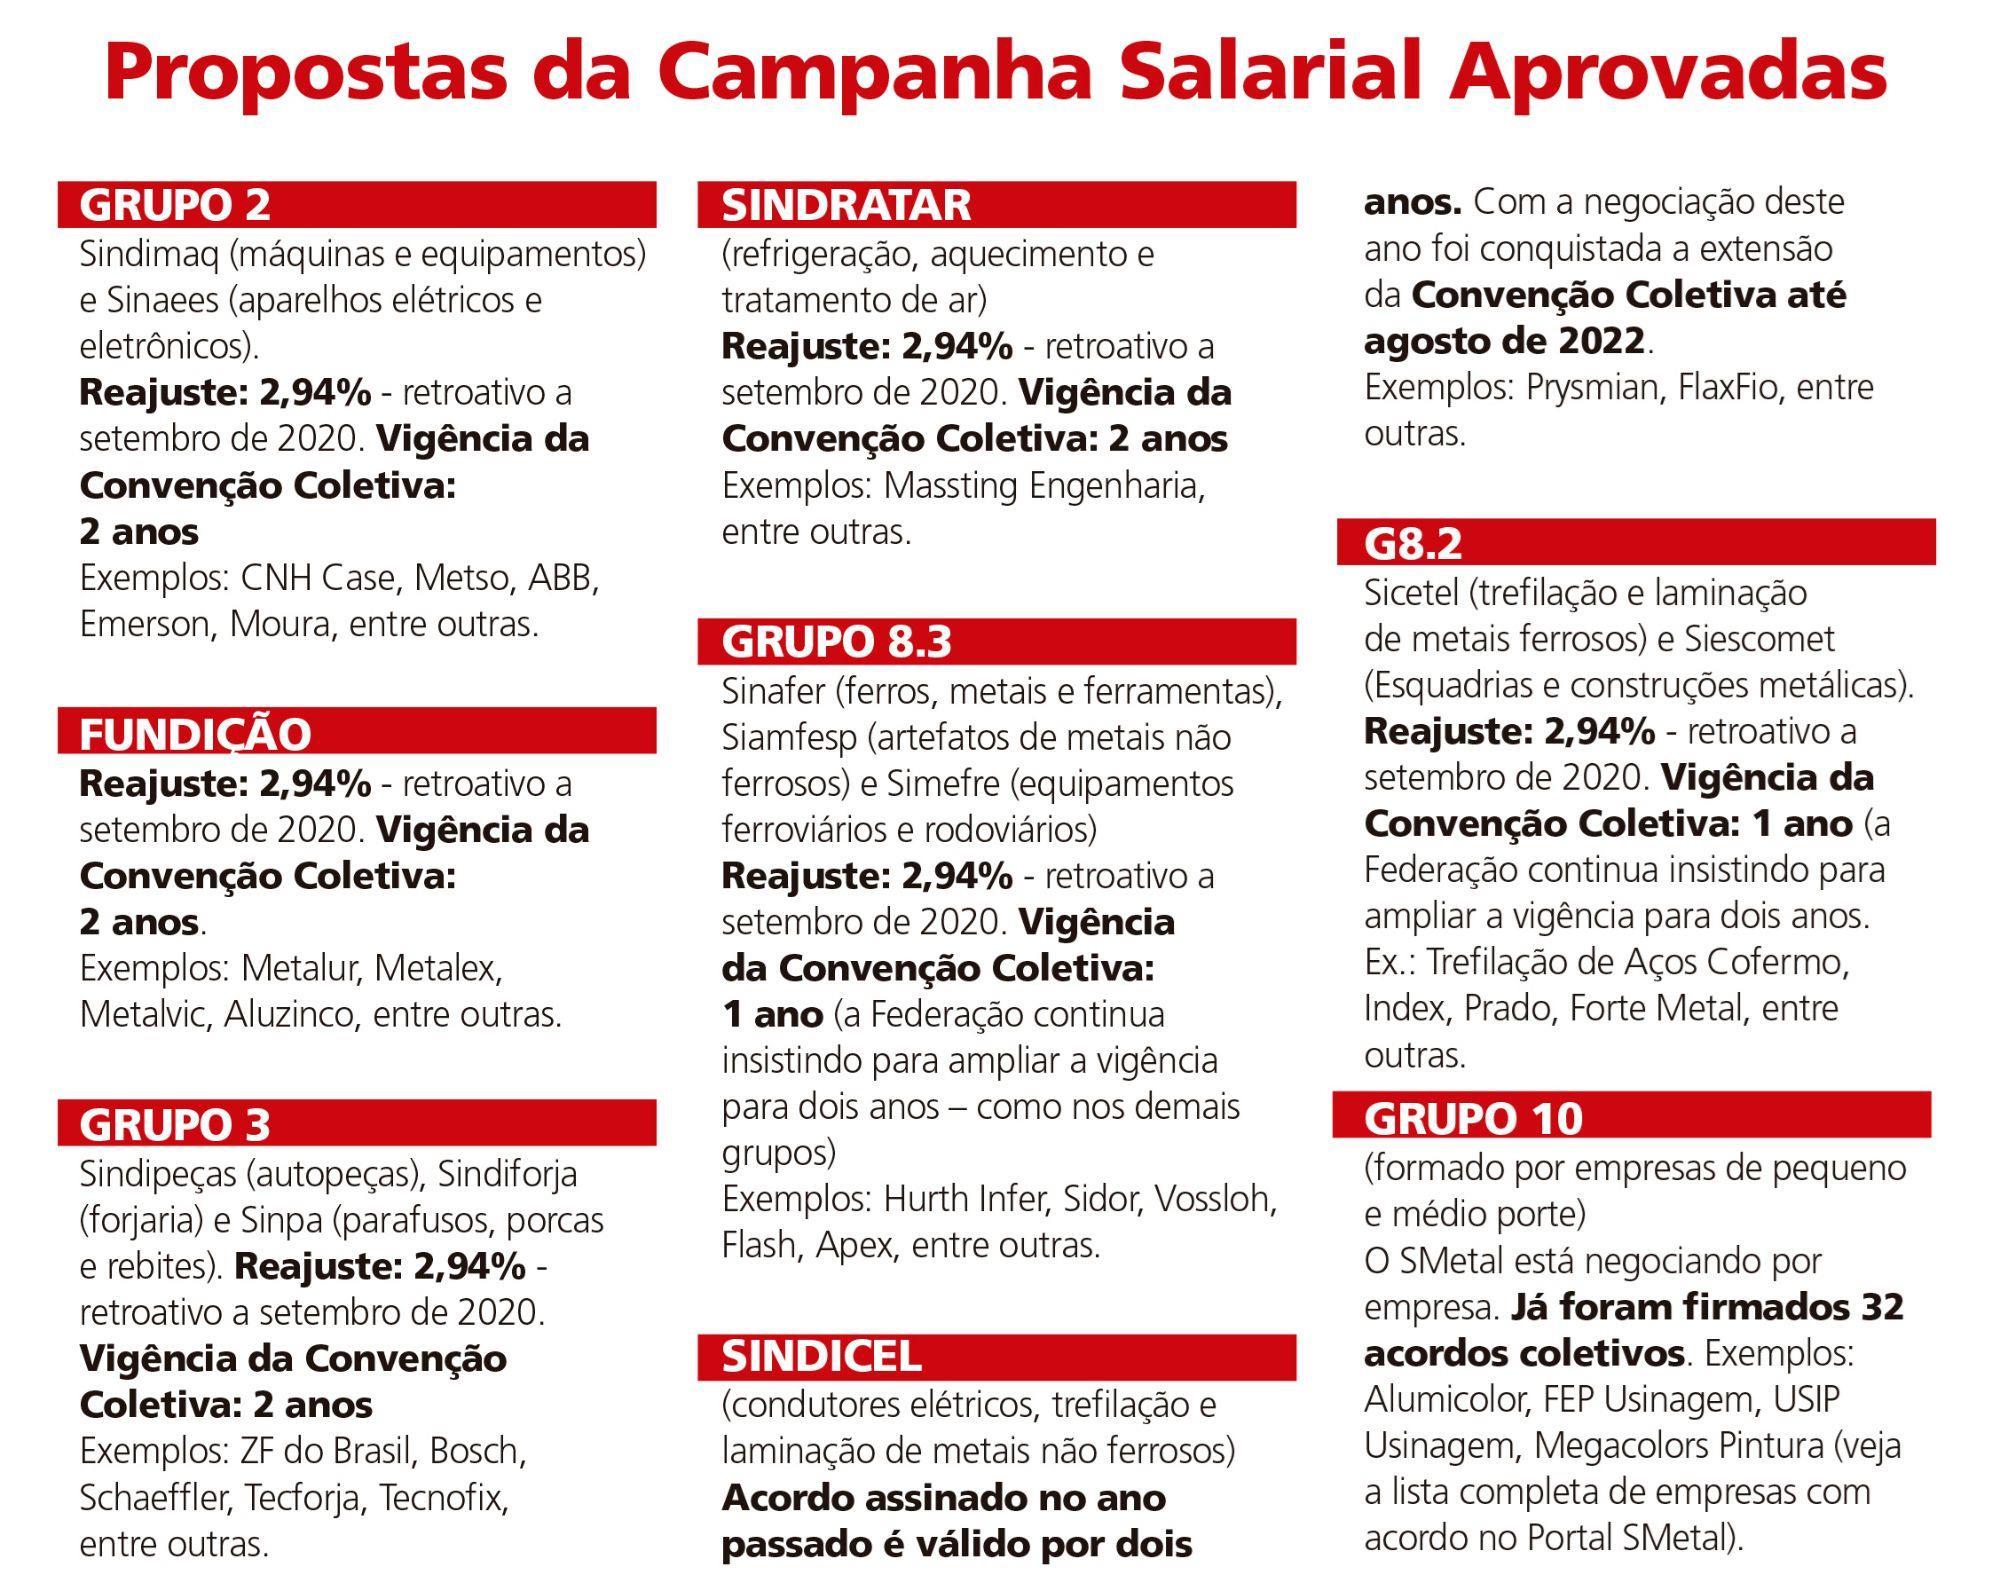 campanha, salarial, smetal, sorocaba, fem, Divulgação